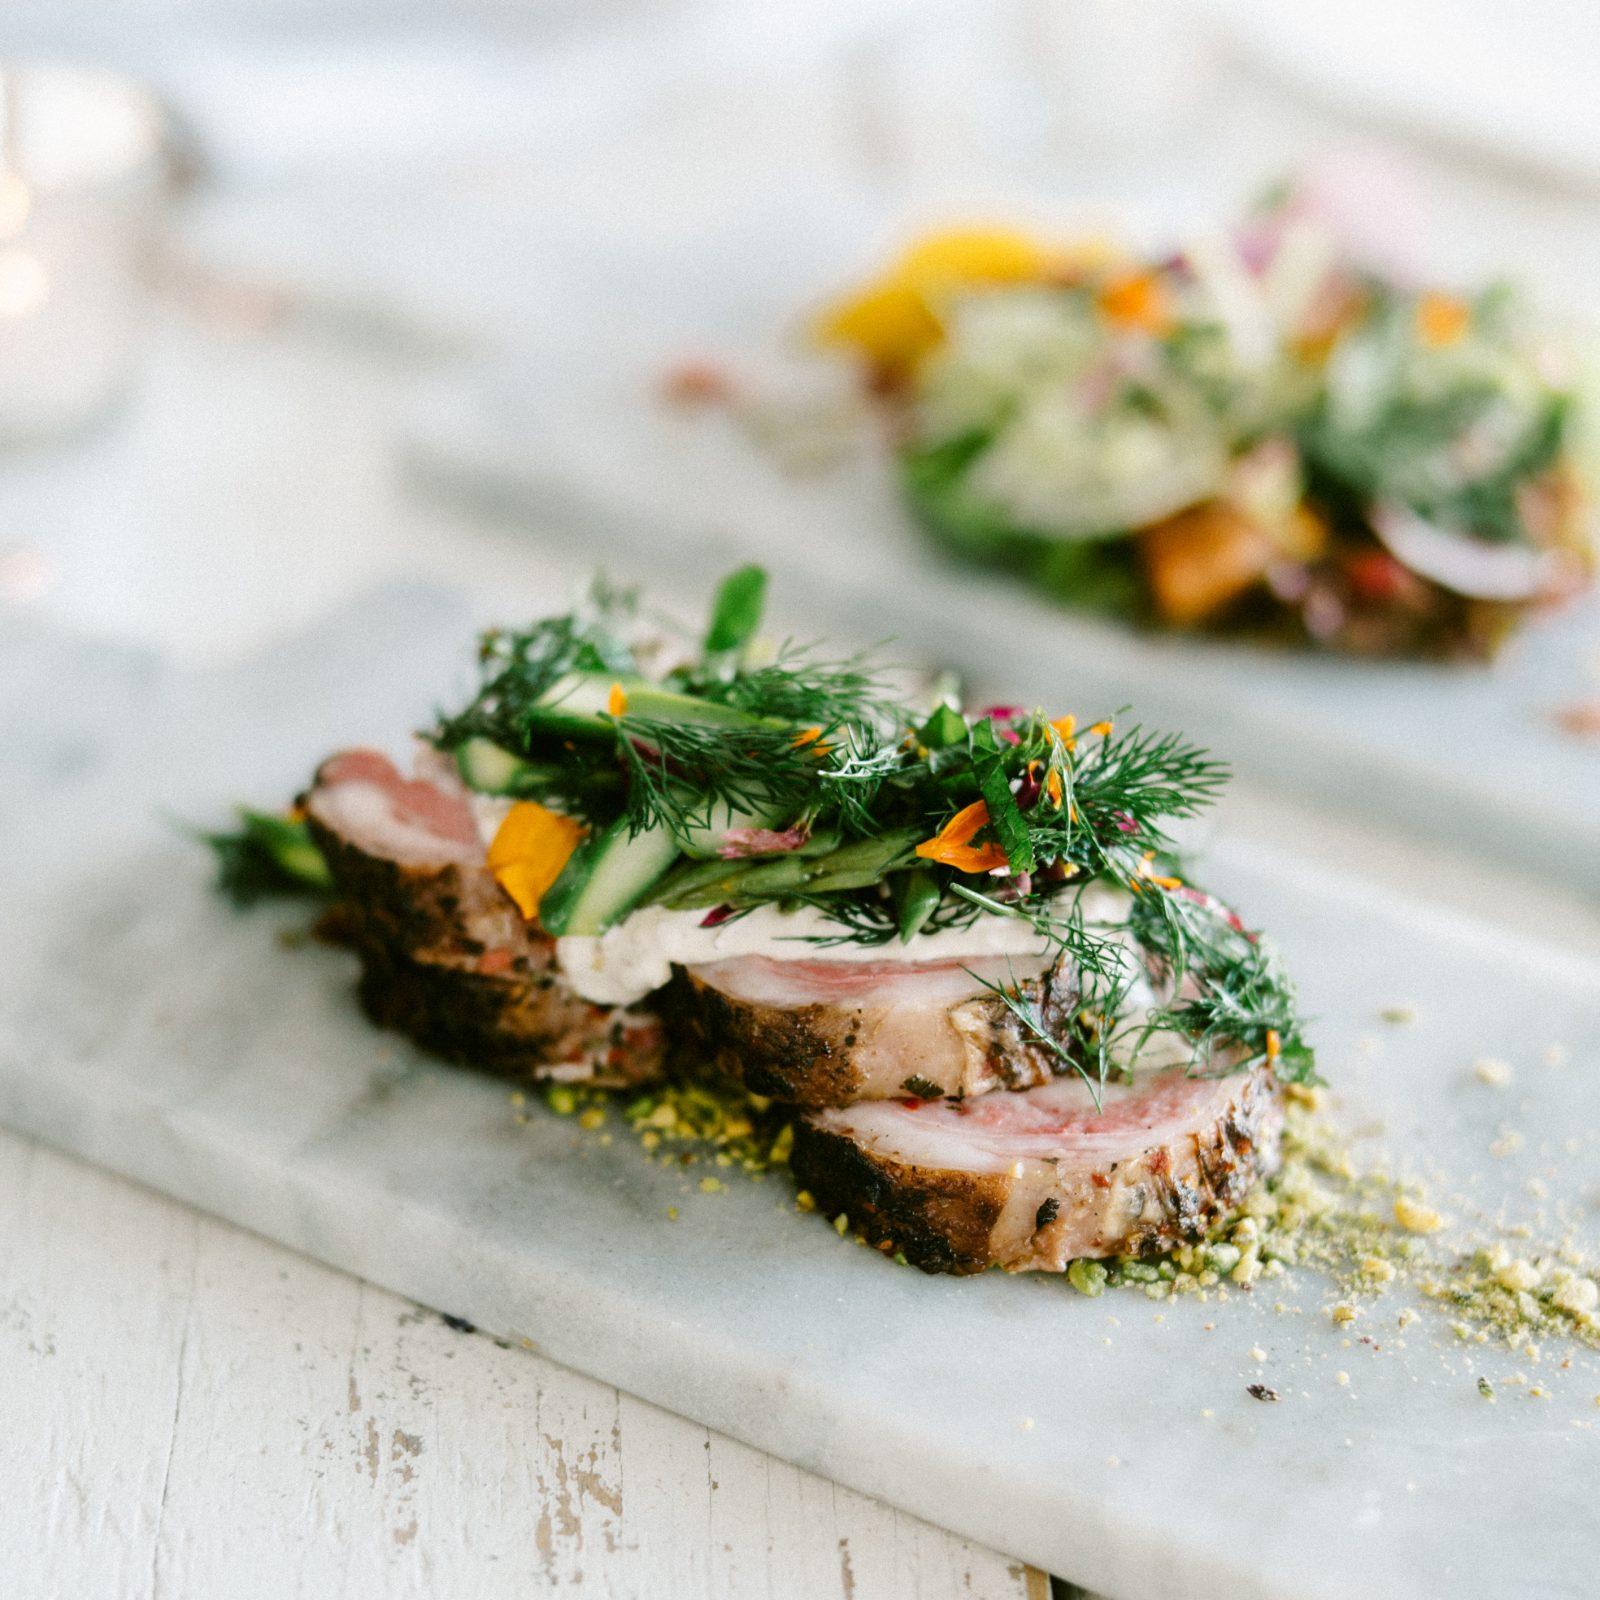 spring lamb dish